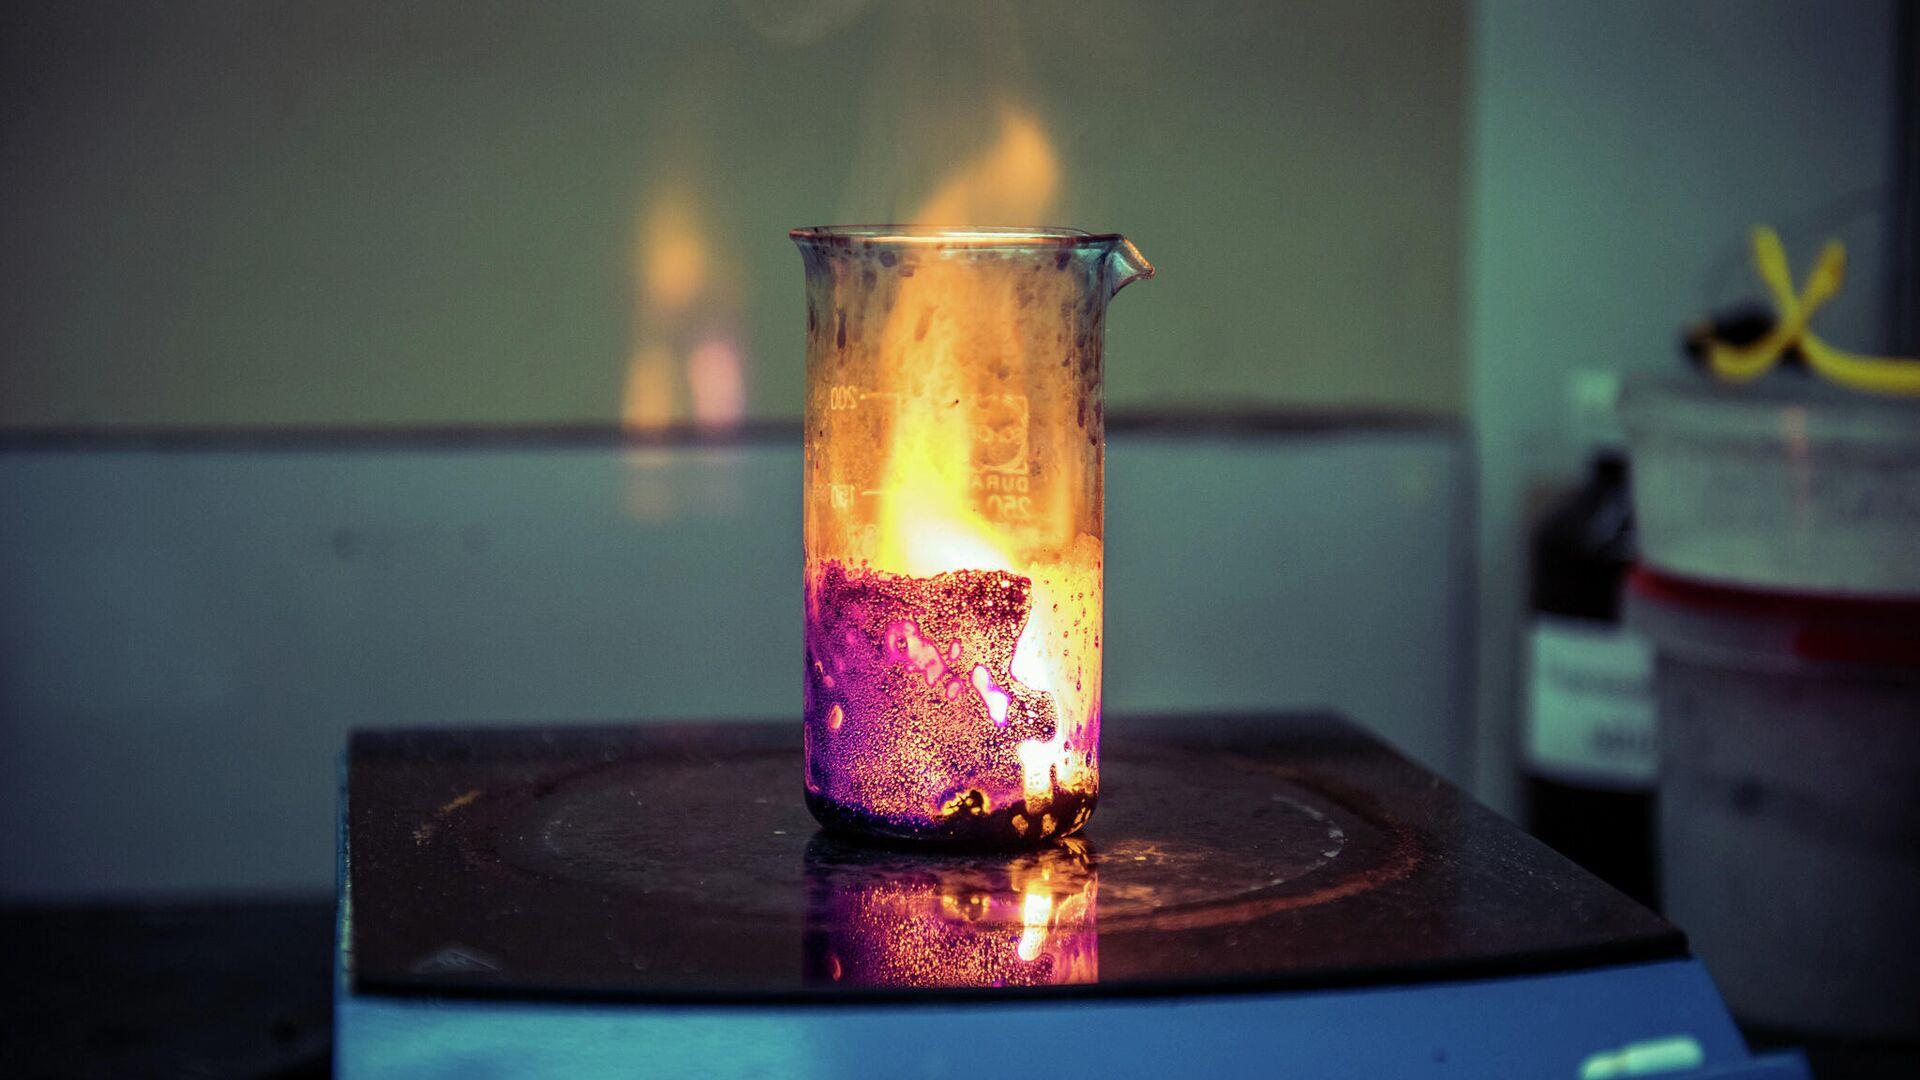 Процесс горения раствора в лаборатории НИТУ МИСиС для получения фильтрующих/каталитических материалов - РИА Новости, 1920, 17.06.2021